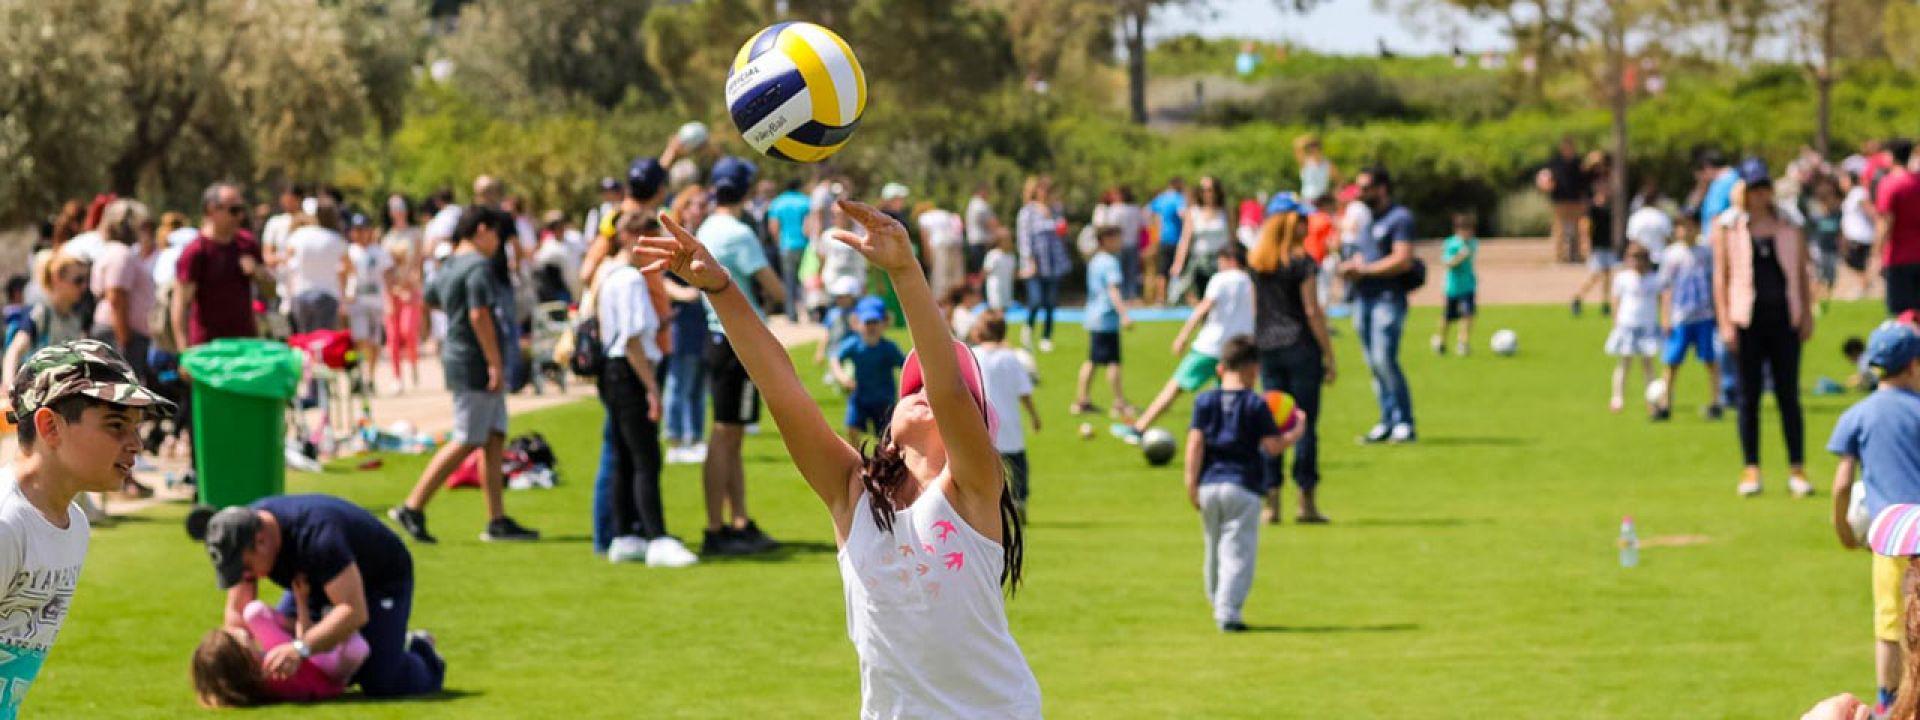 Φωτογραφία από παιδιά που παίζουν με μπάλες στο Πάρκο Σταύρος Νιάρχος